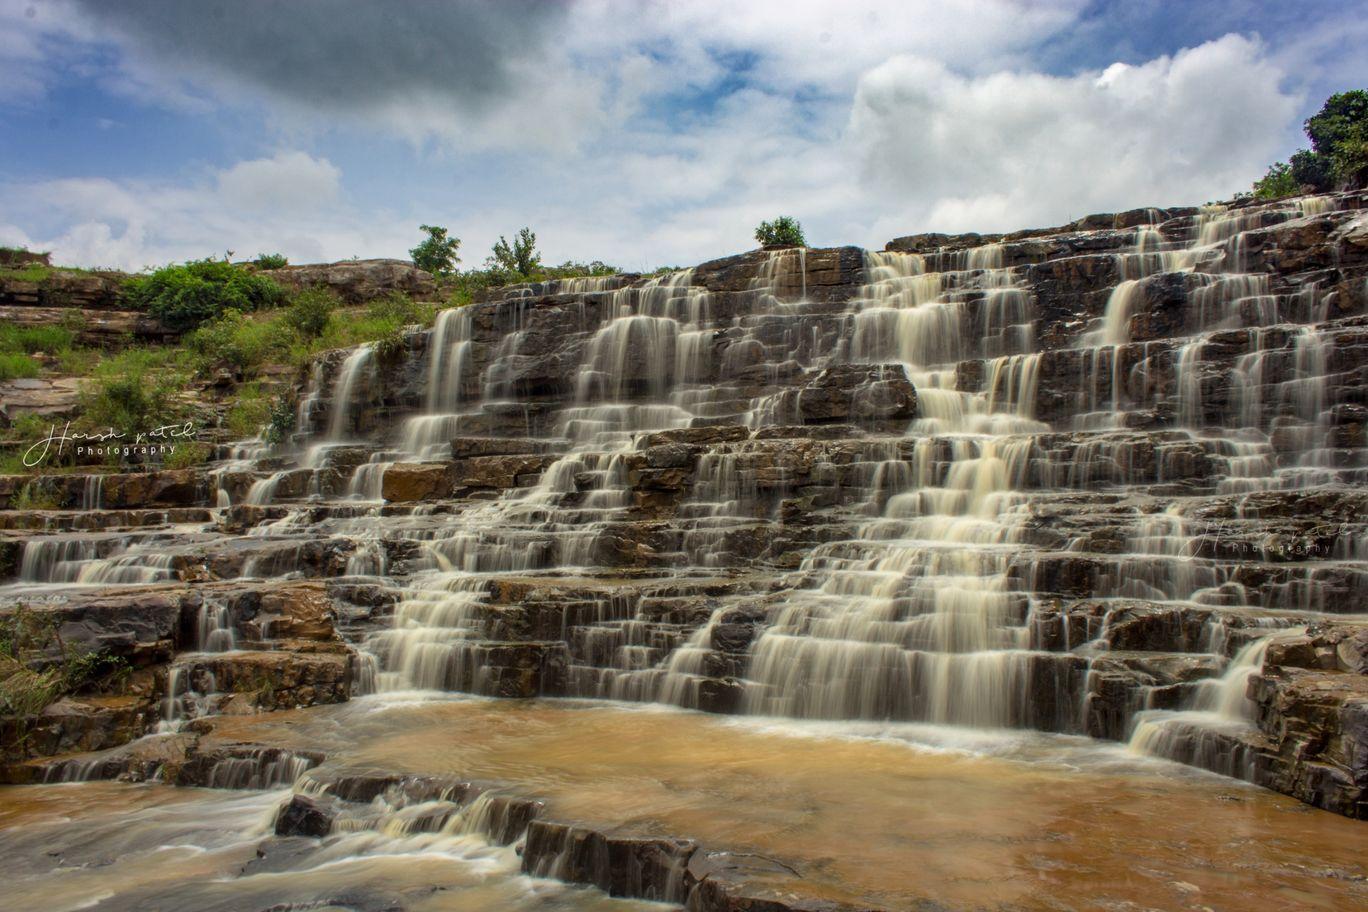 Photo of Mandwa Waterfall By Harsh Patel